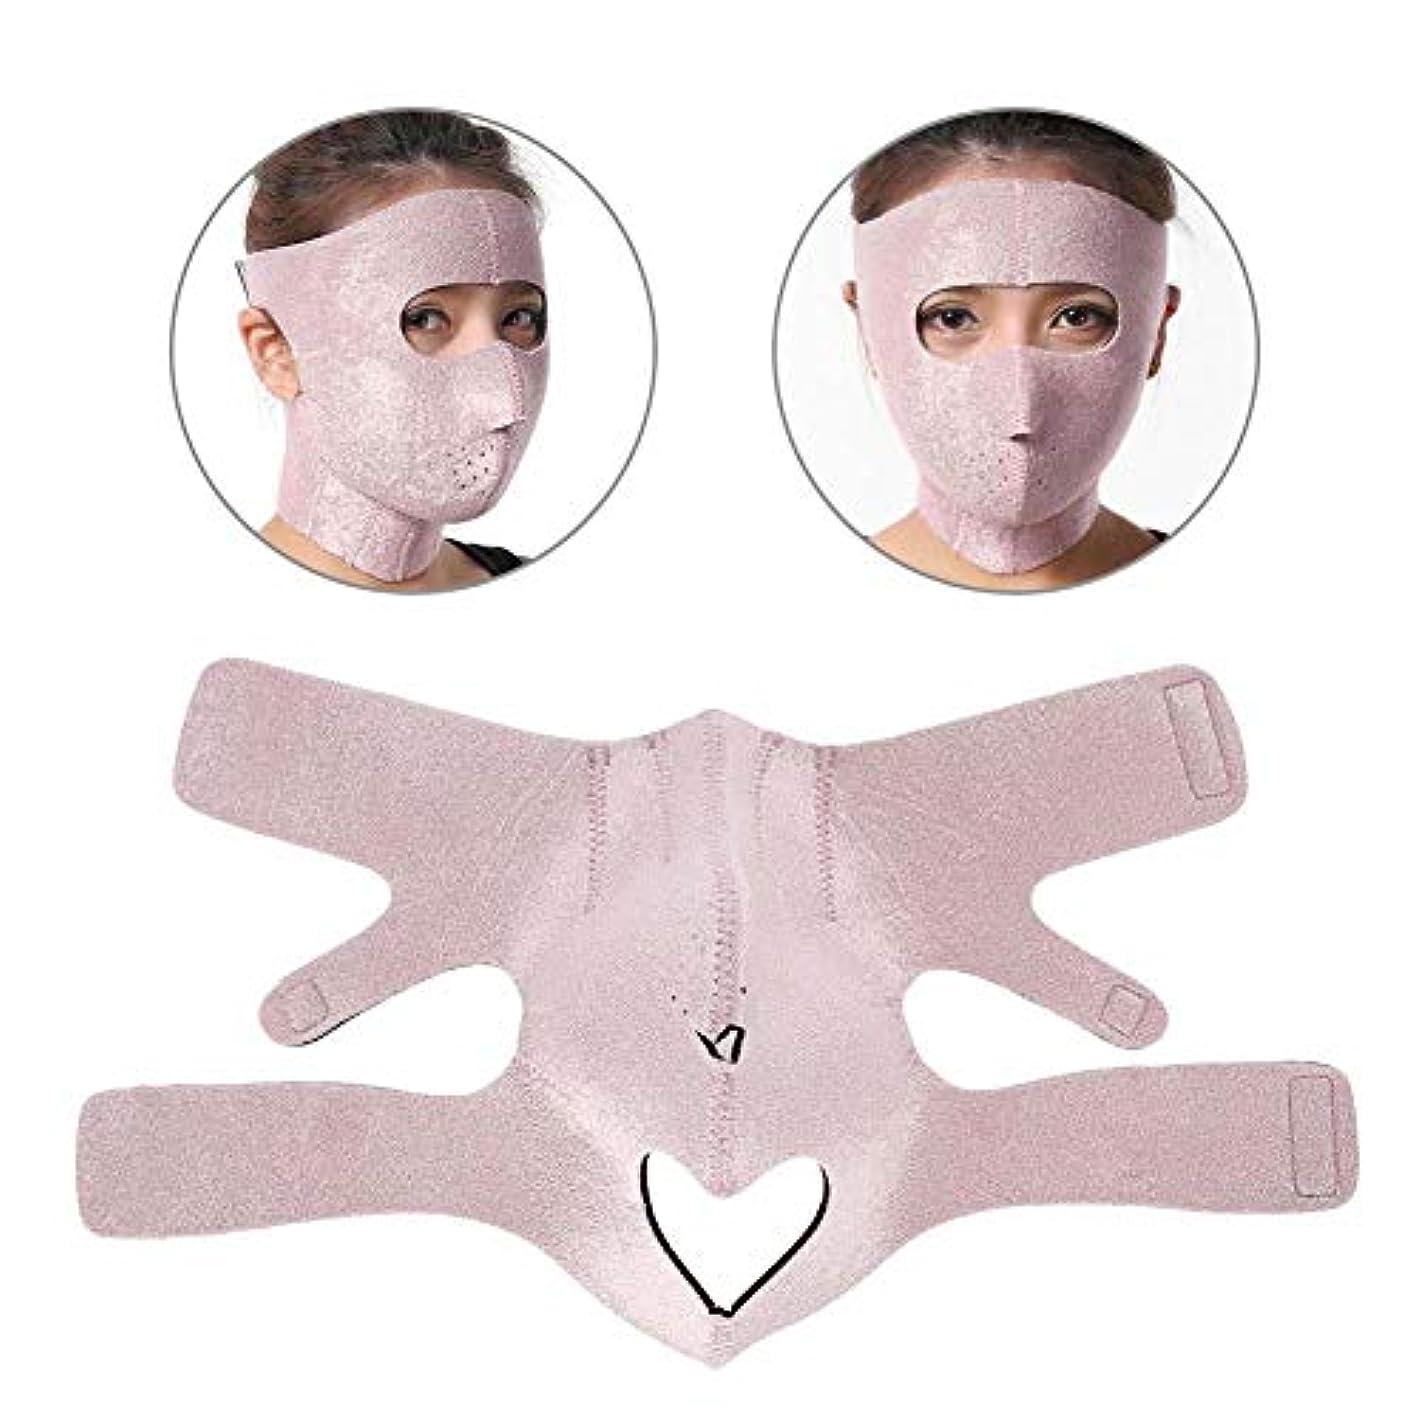 気球ゴールスープ顔の輪郭を改善する 美容包帯 フェイスリフト用フェイスマスク 通気性/伸縮性/変形不可